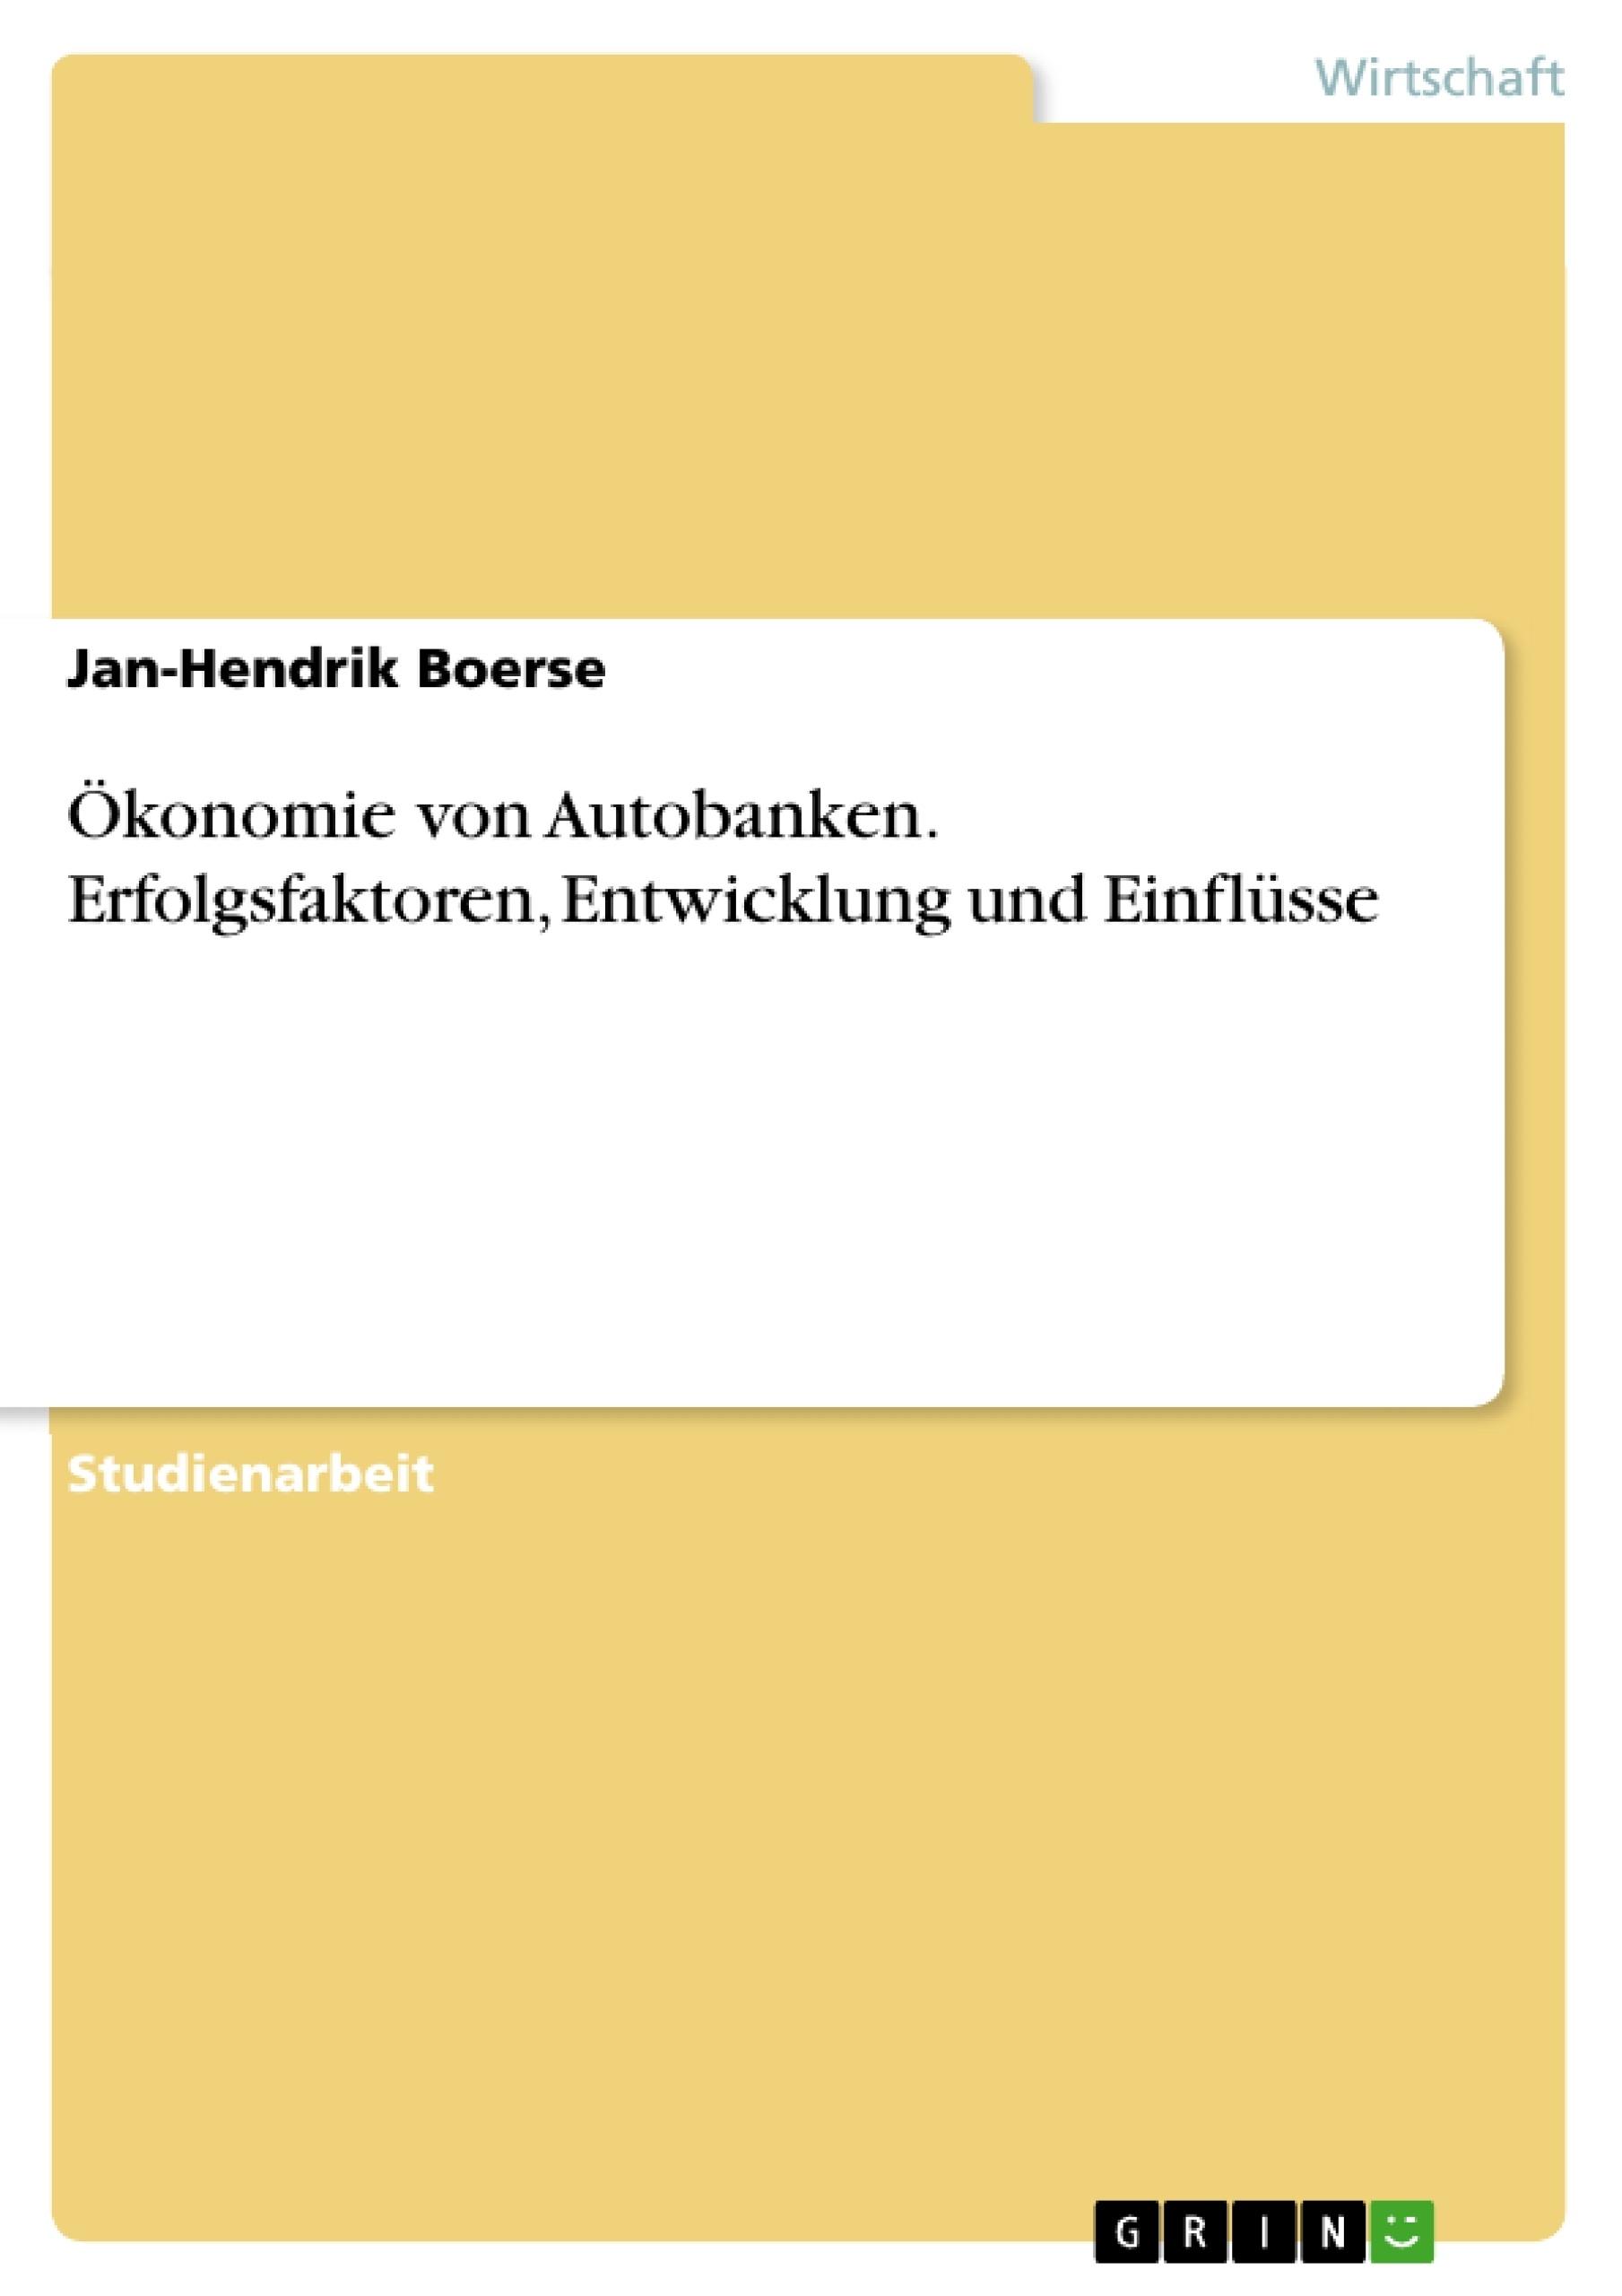 Titel: Ökonomie von Autobanken. Erfolgsfaktoren, Entwicklung und Einflüsse